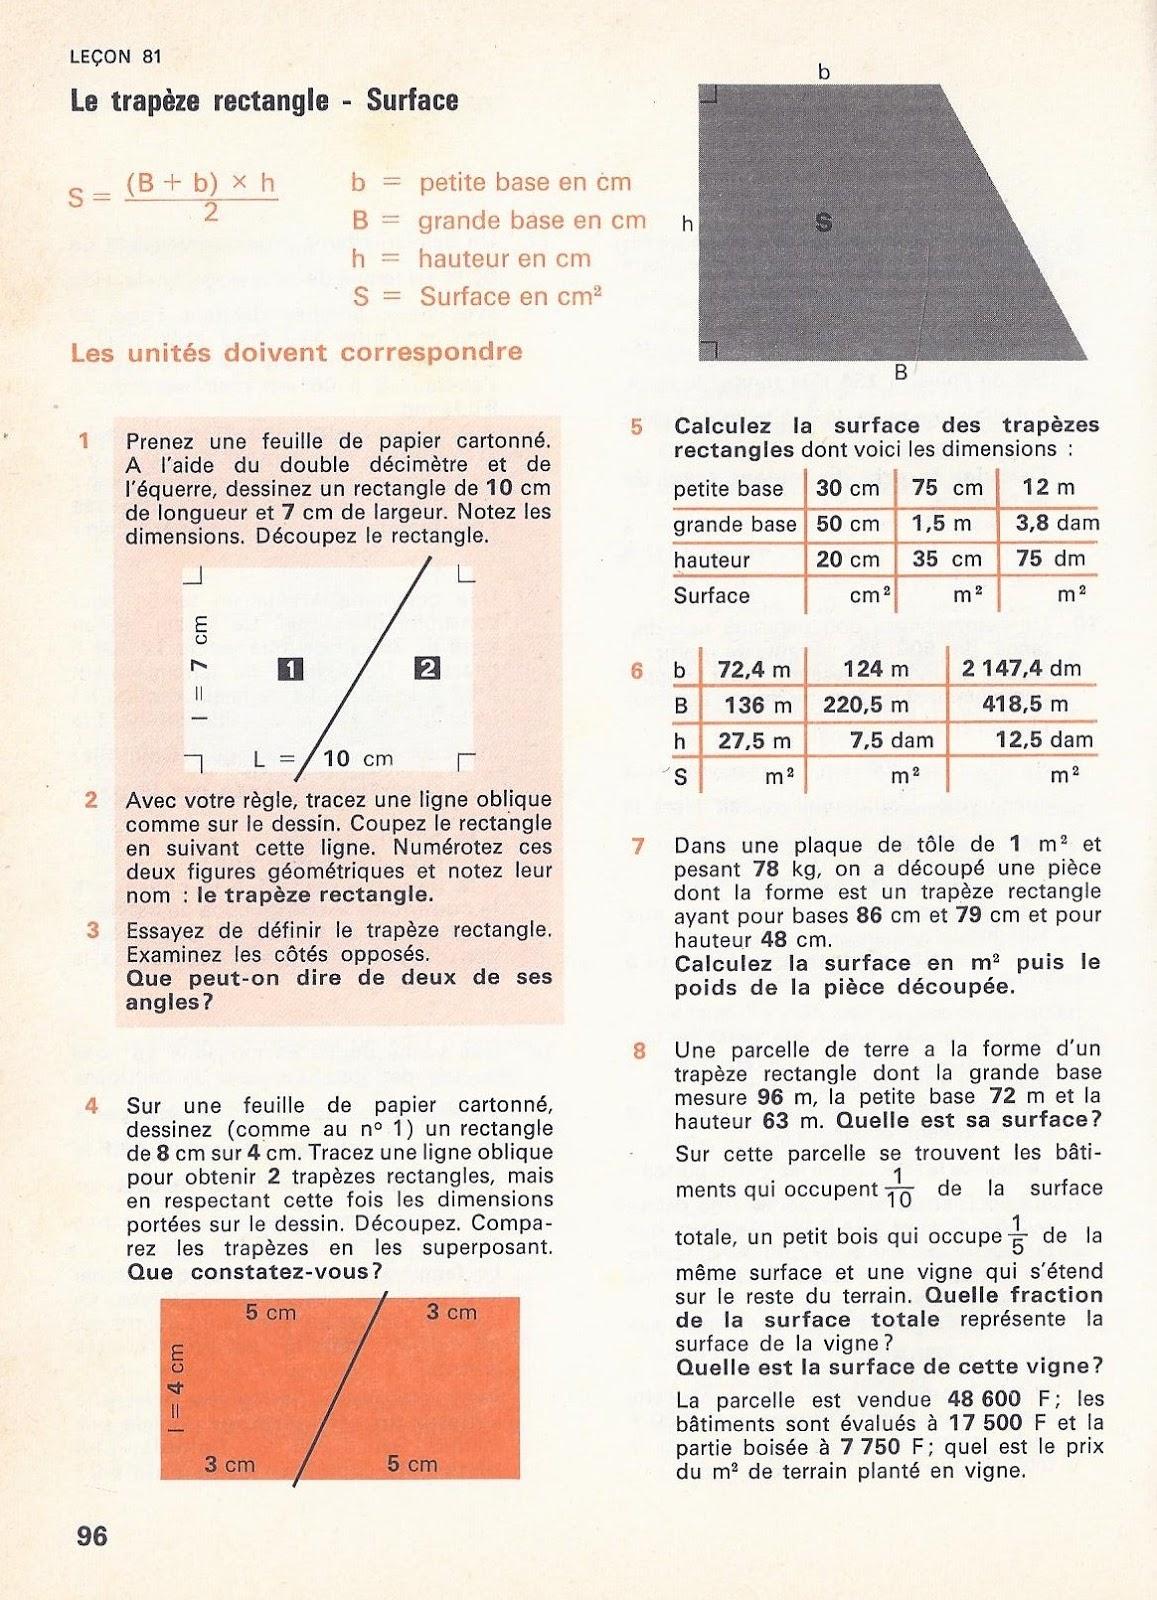 Pourquoi remettre en cause les disciplines ? Alain Boissinot répond. - Page 10 Benha%25C3%25AFm+Calcul+jour+apr%25C3%25A8s+jour+cm2+-0096